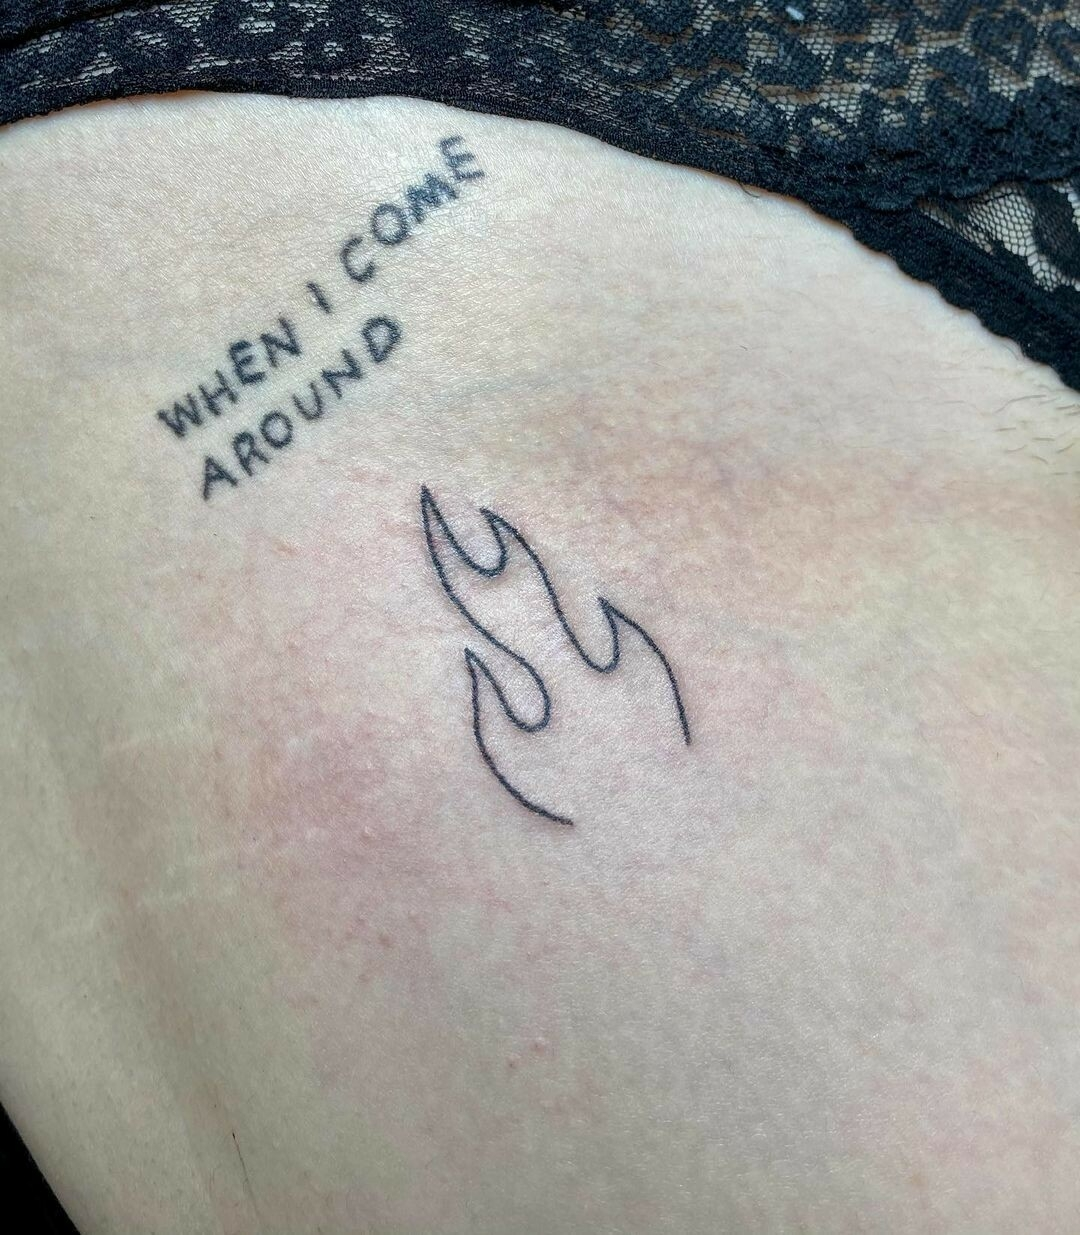 Inksearch tattoo Laze Amaze